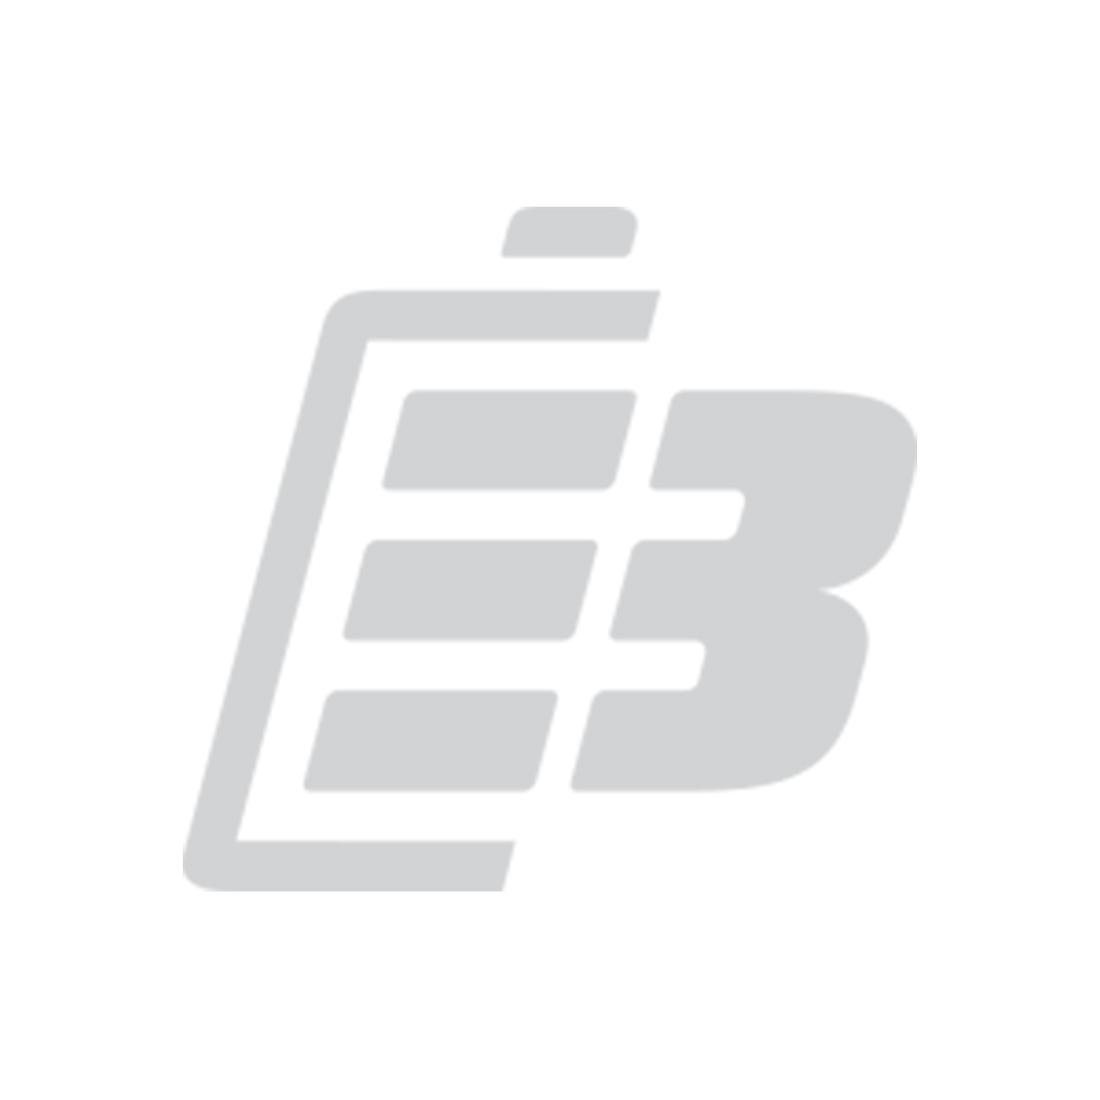 Μπαταρία barcode scanner Psion WorkAbout Pro G2_1